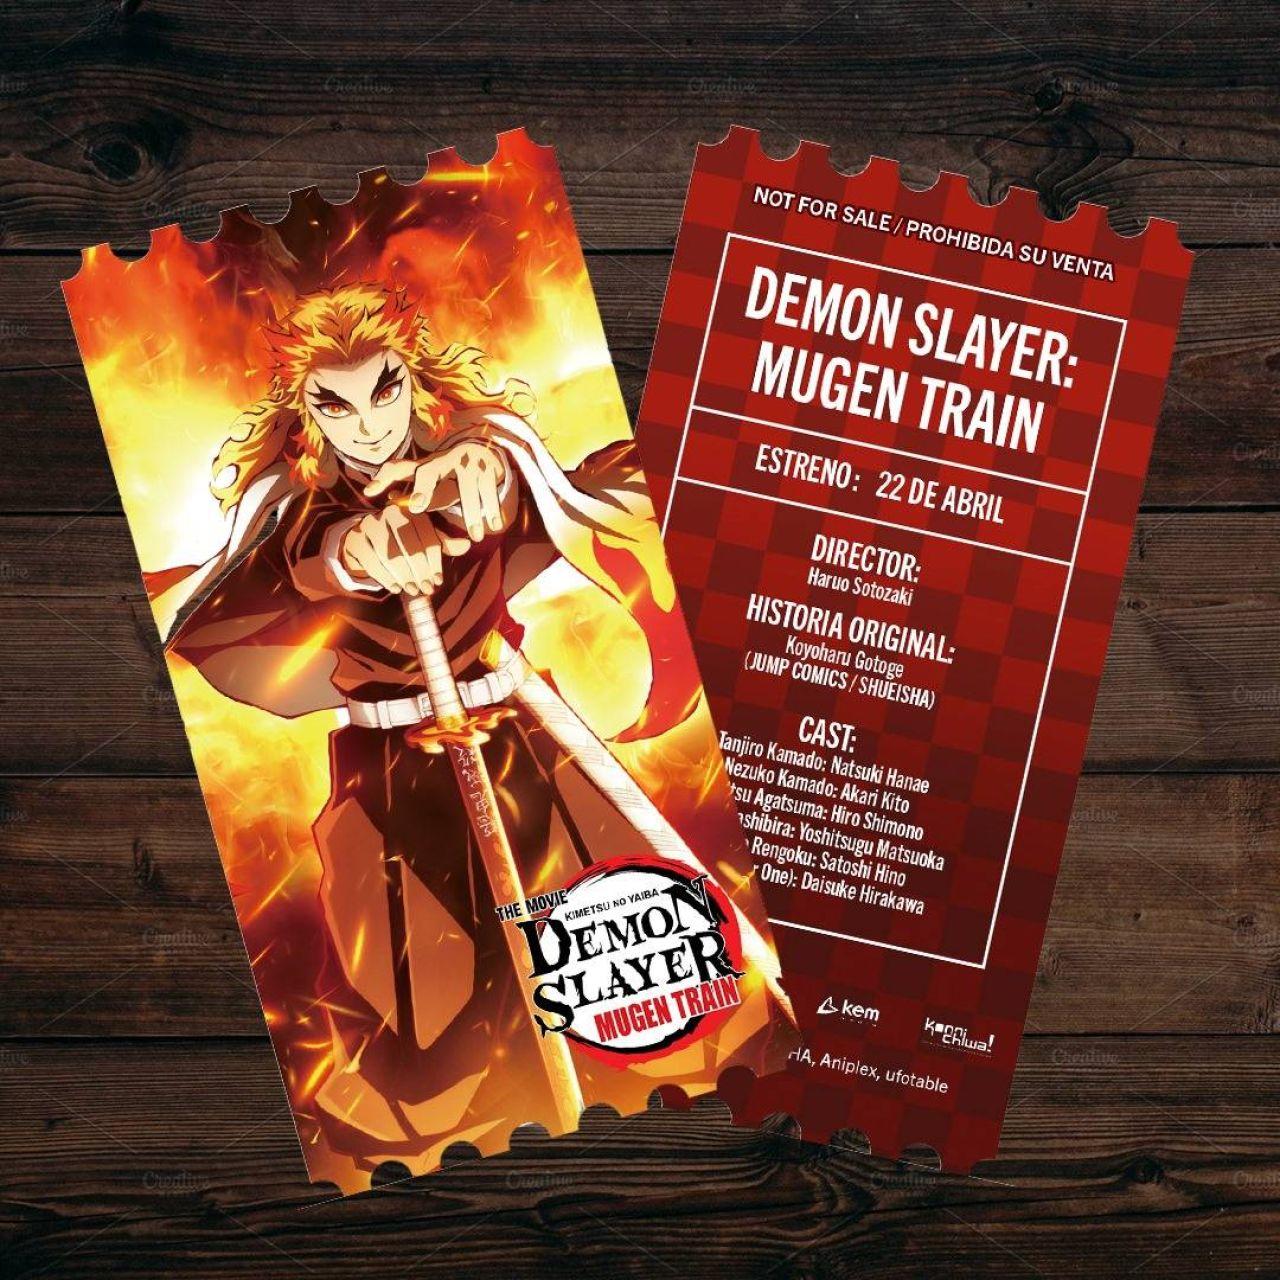 demon slayer mugen train boletos edicion especial